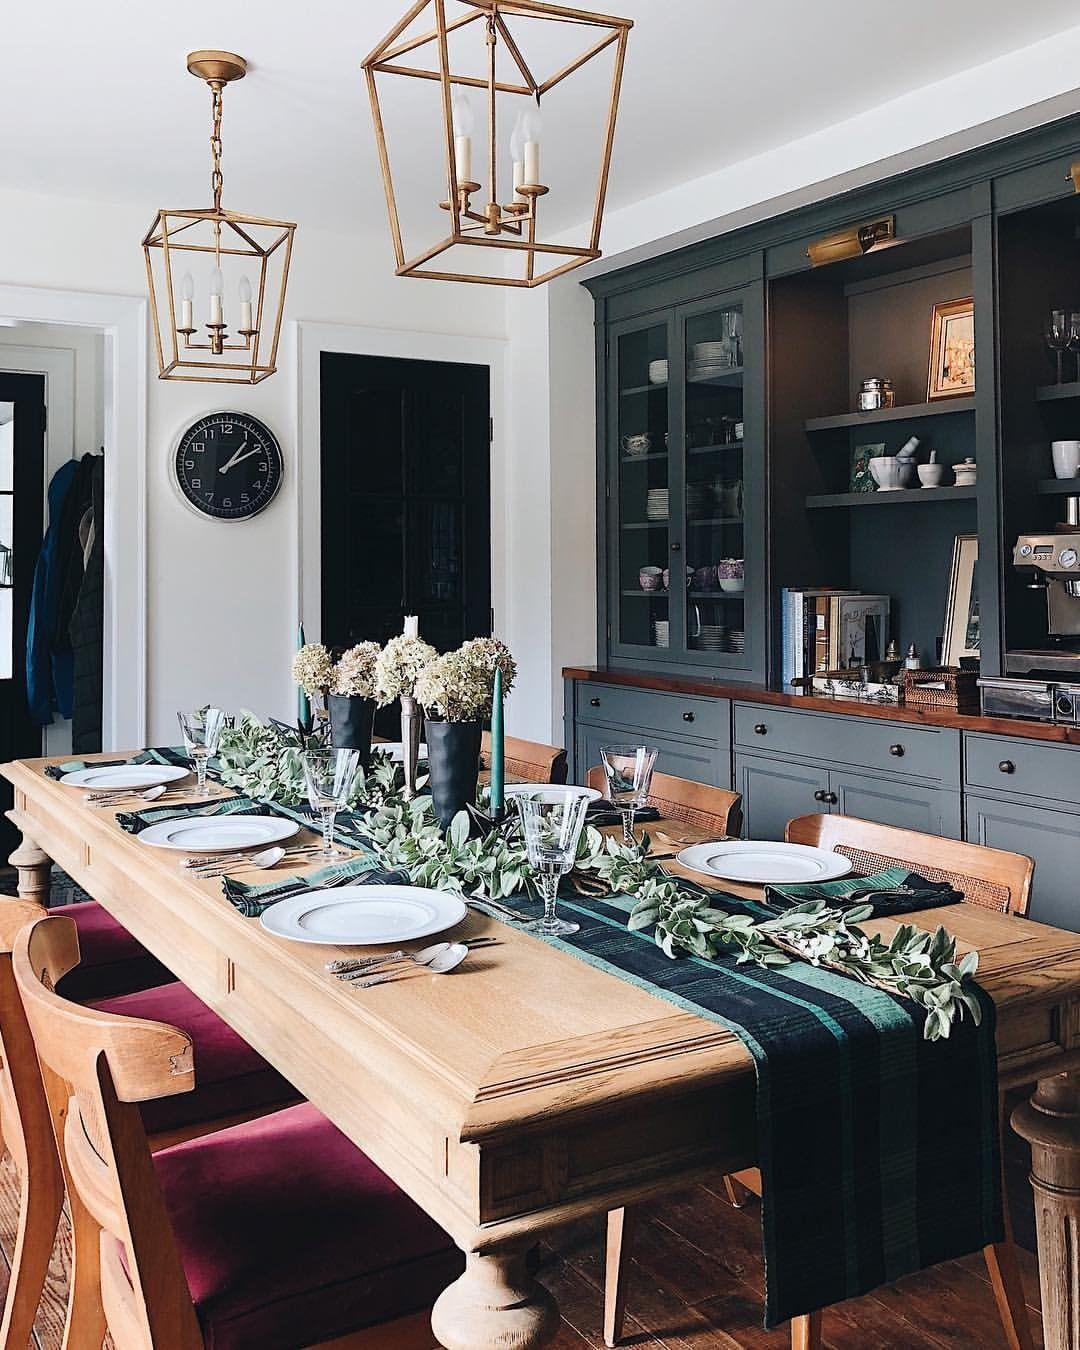 Pin by Sylva Greco on Cucina | Home, Home decor, Decor